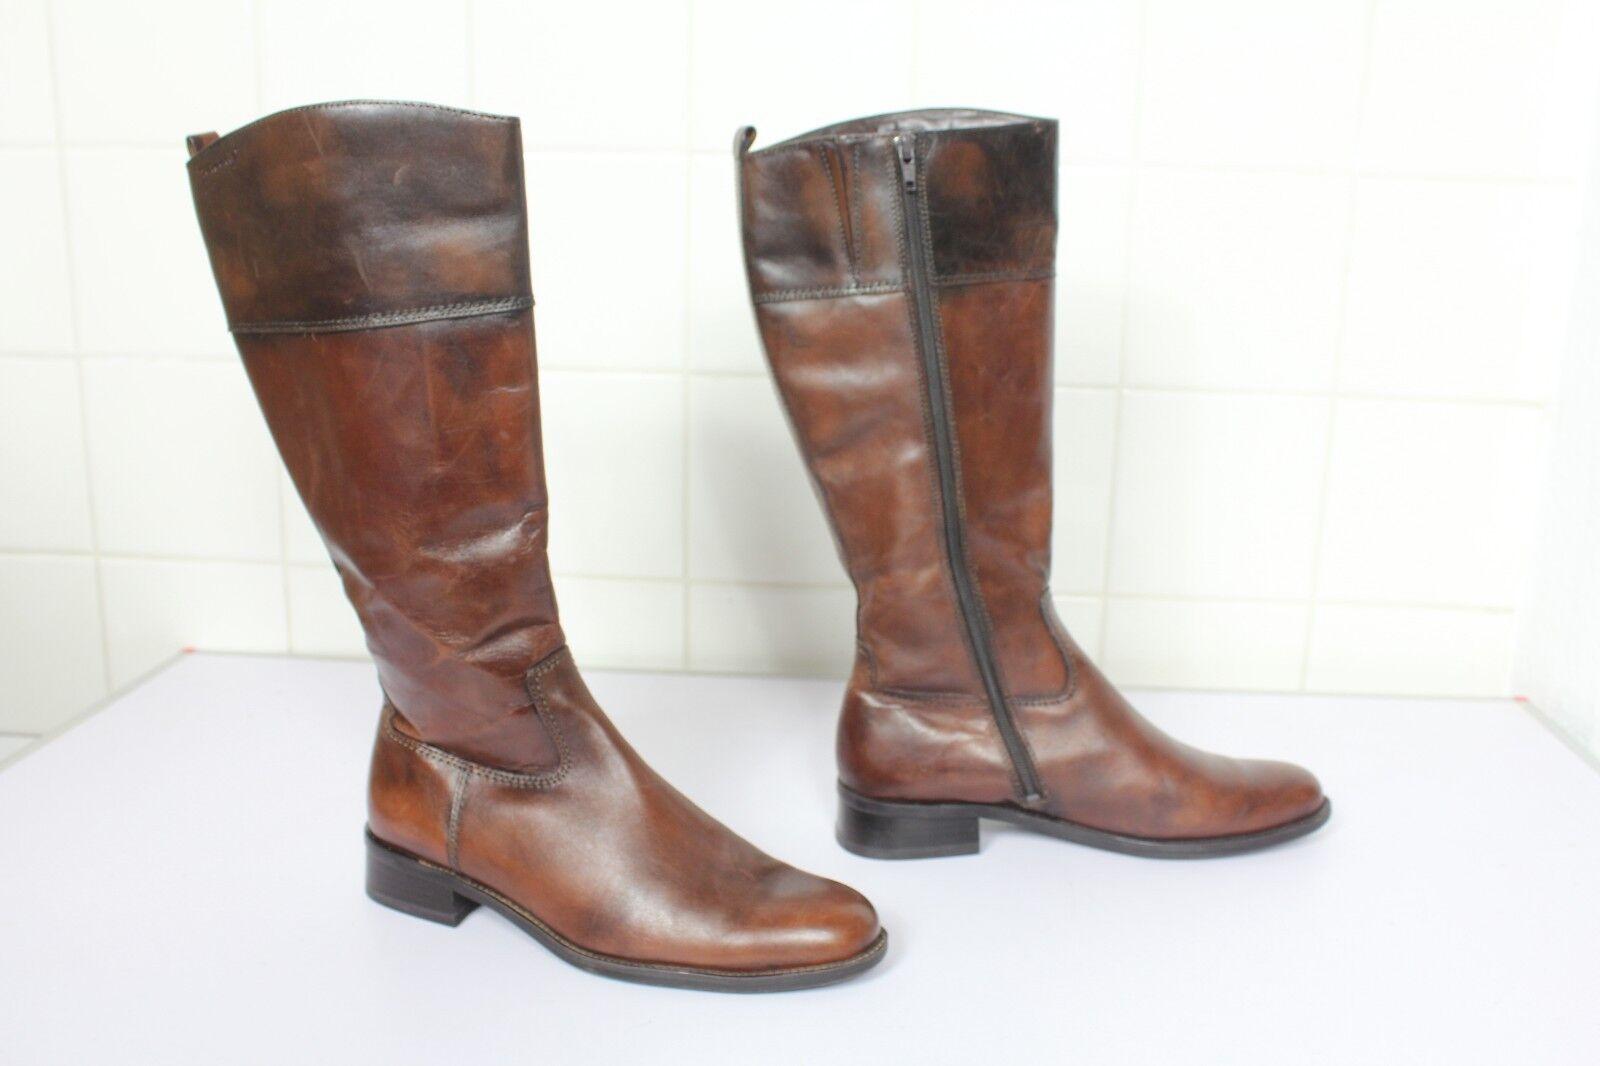 Tamaris elegante High botas botas de cuero genuino marrón eu 39